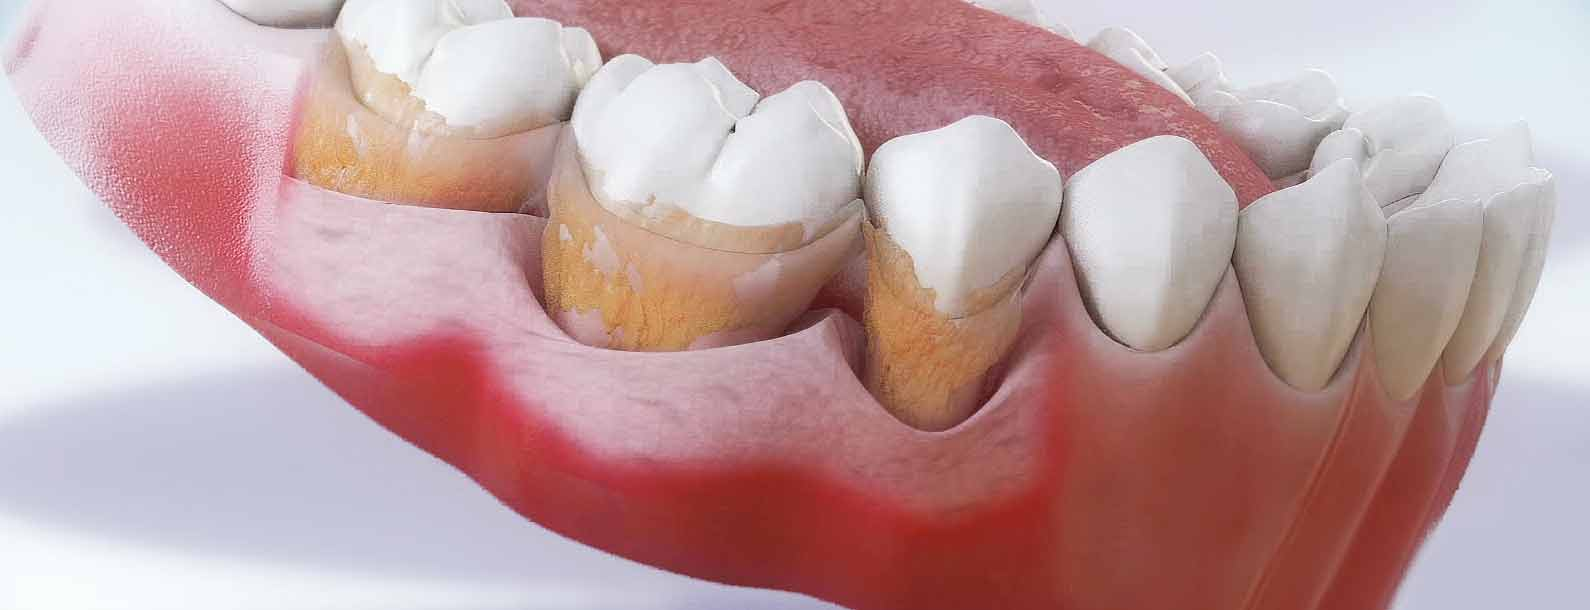 Таблетки для индикации зубного налета